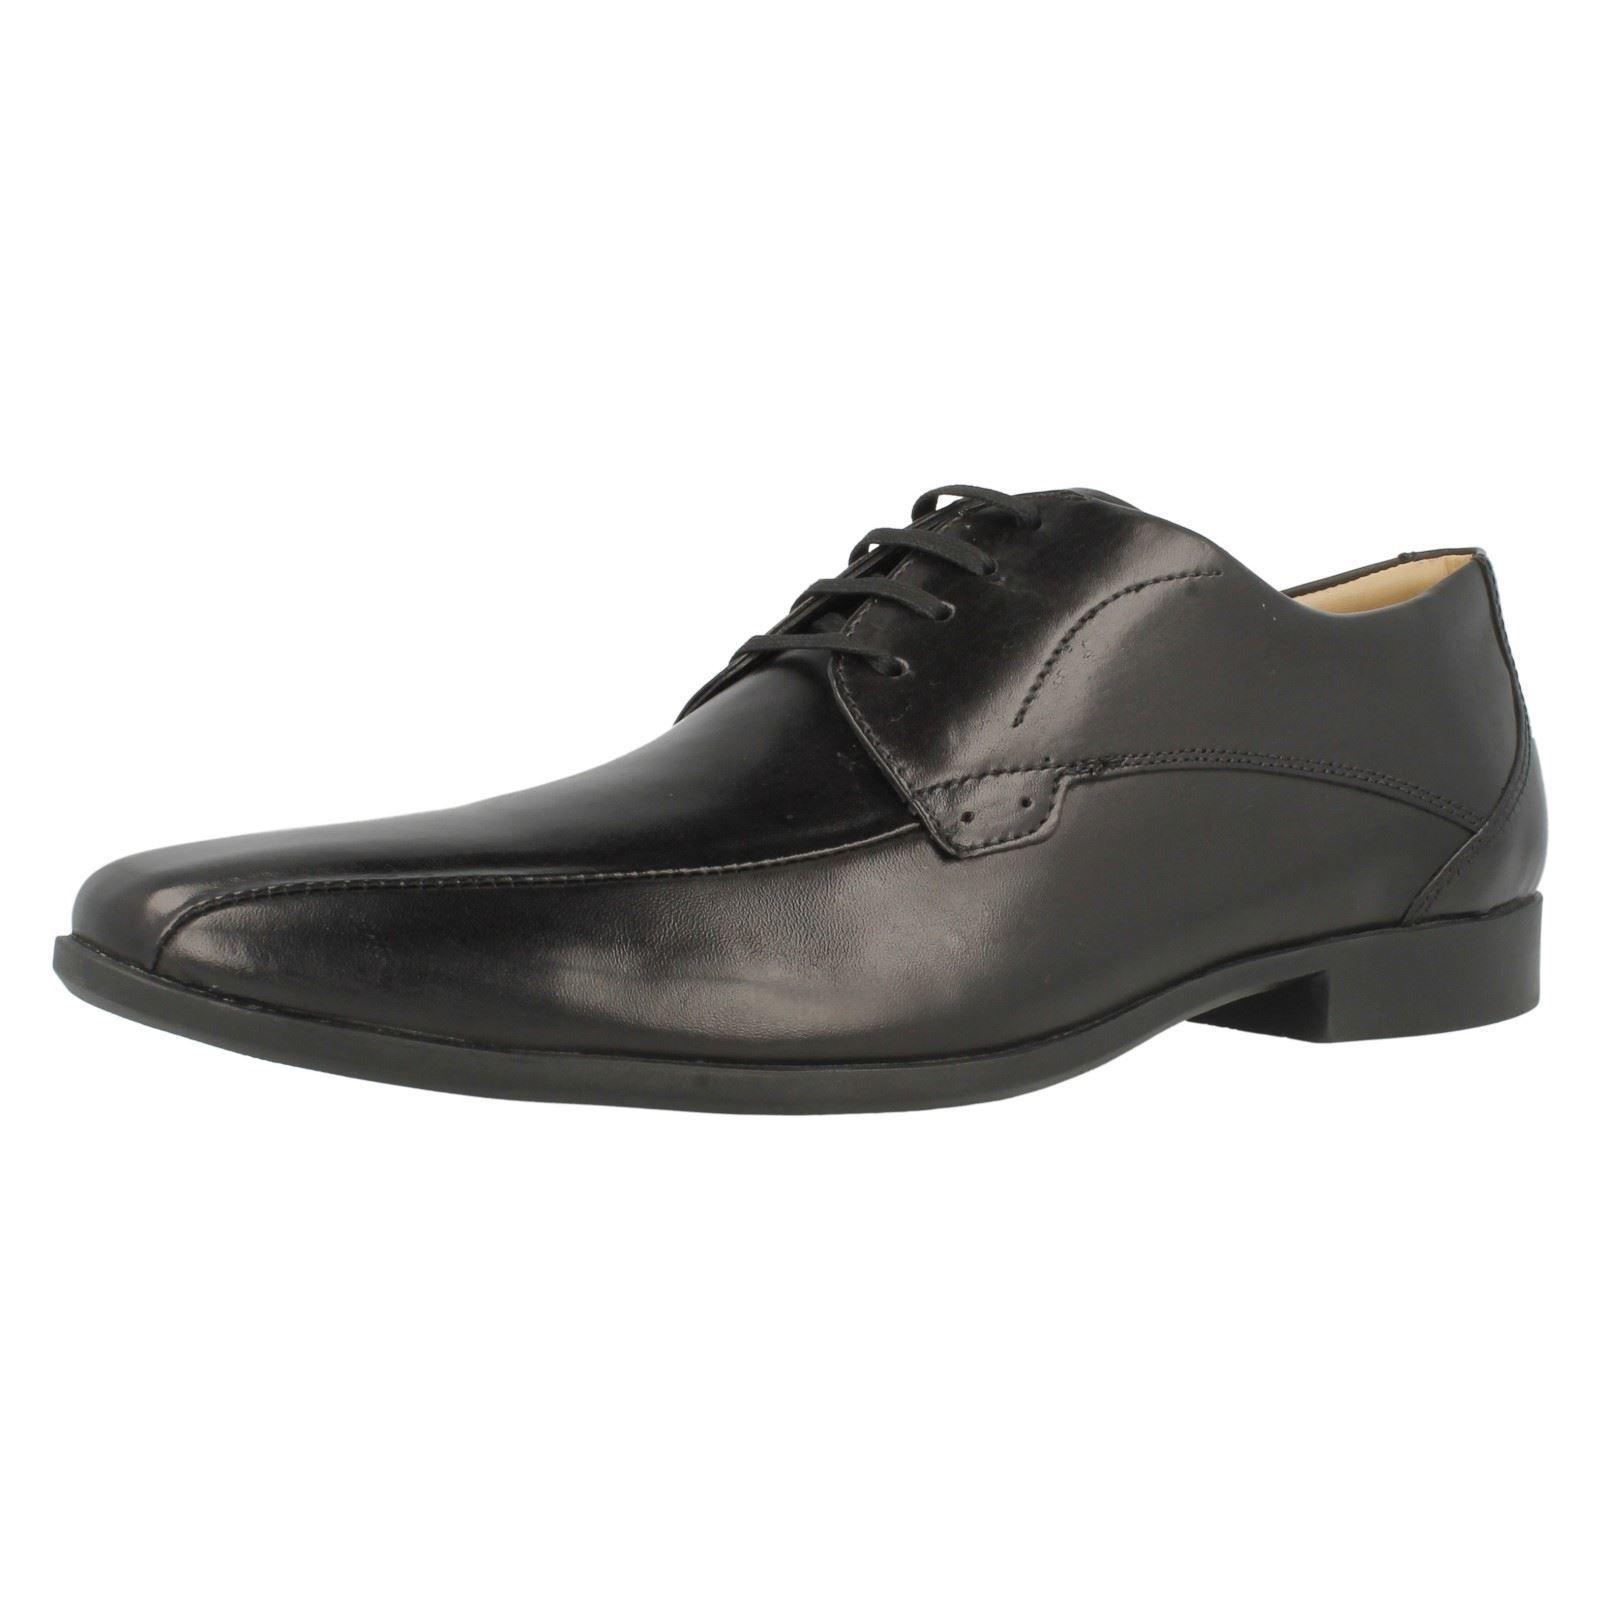 Anatomic & Co Herren Formelle Schuhe 'Tapaua'